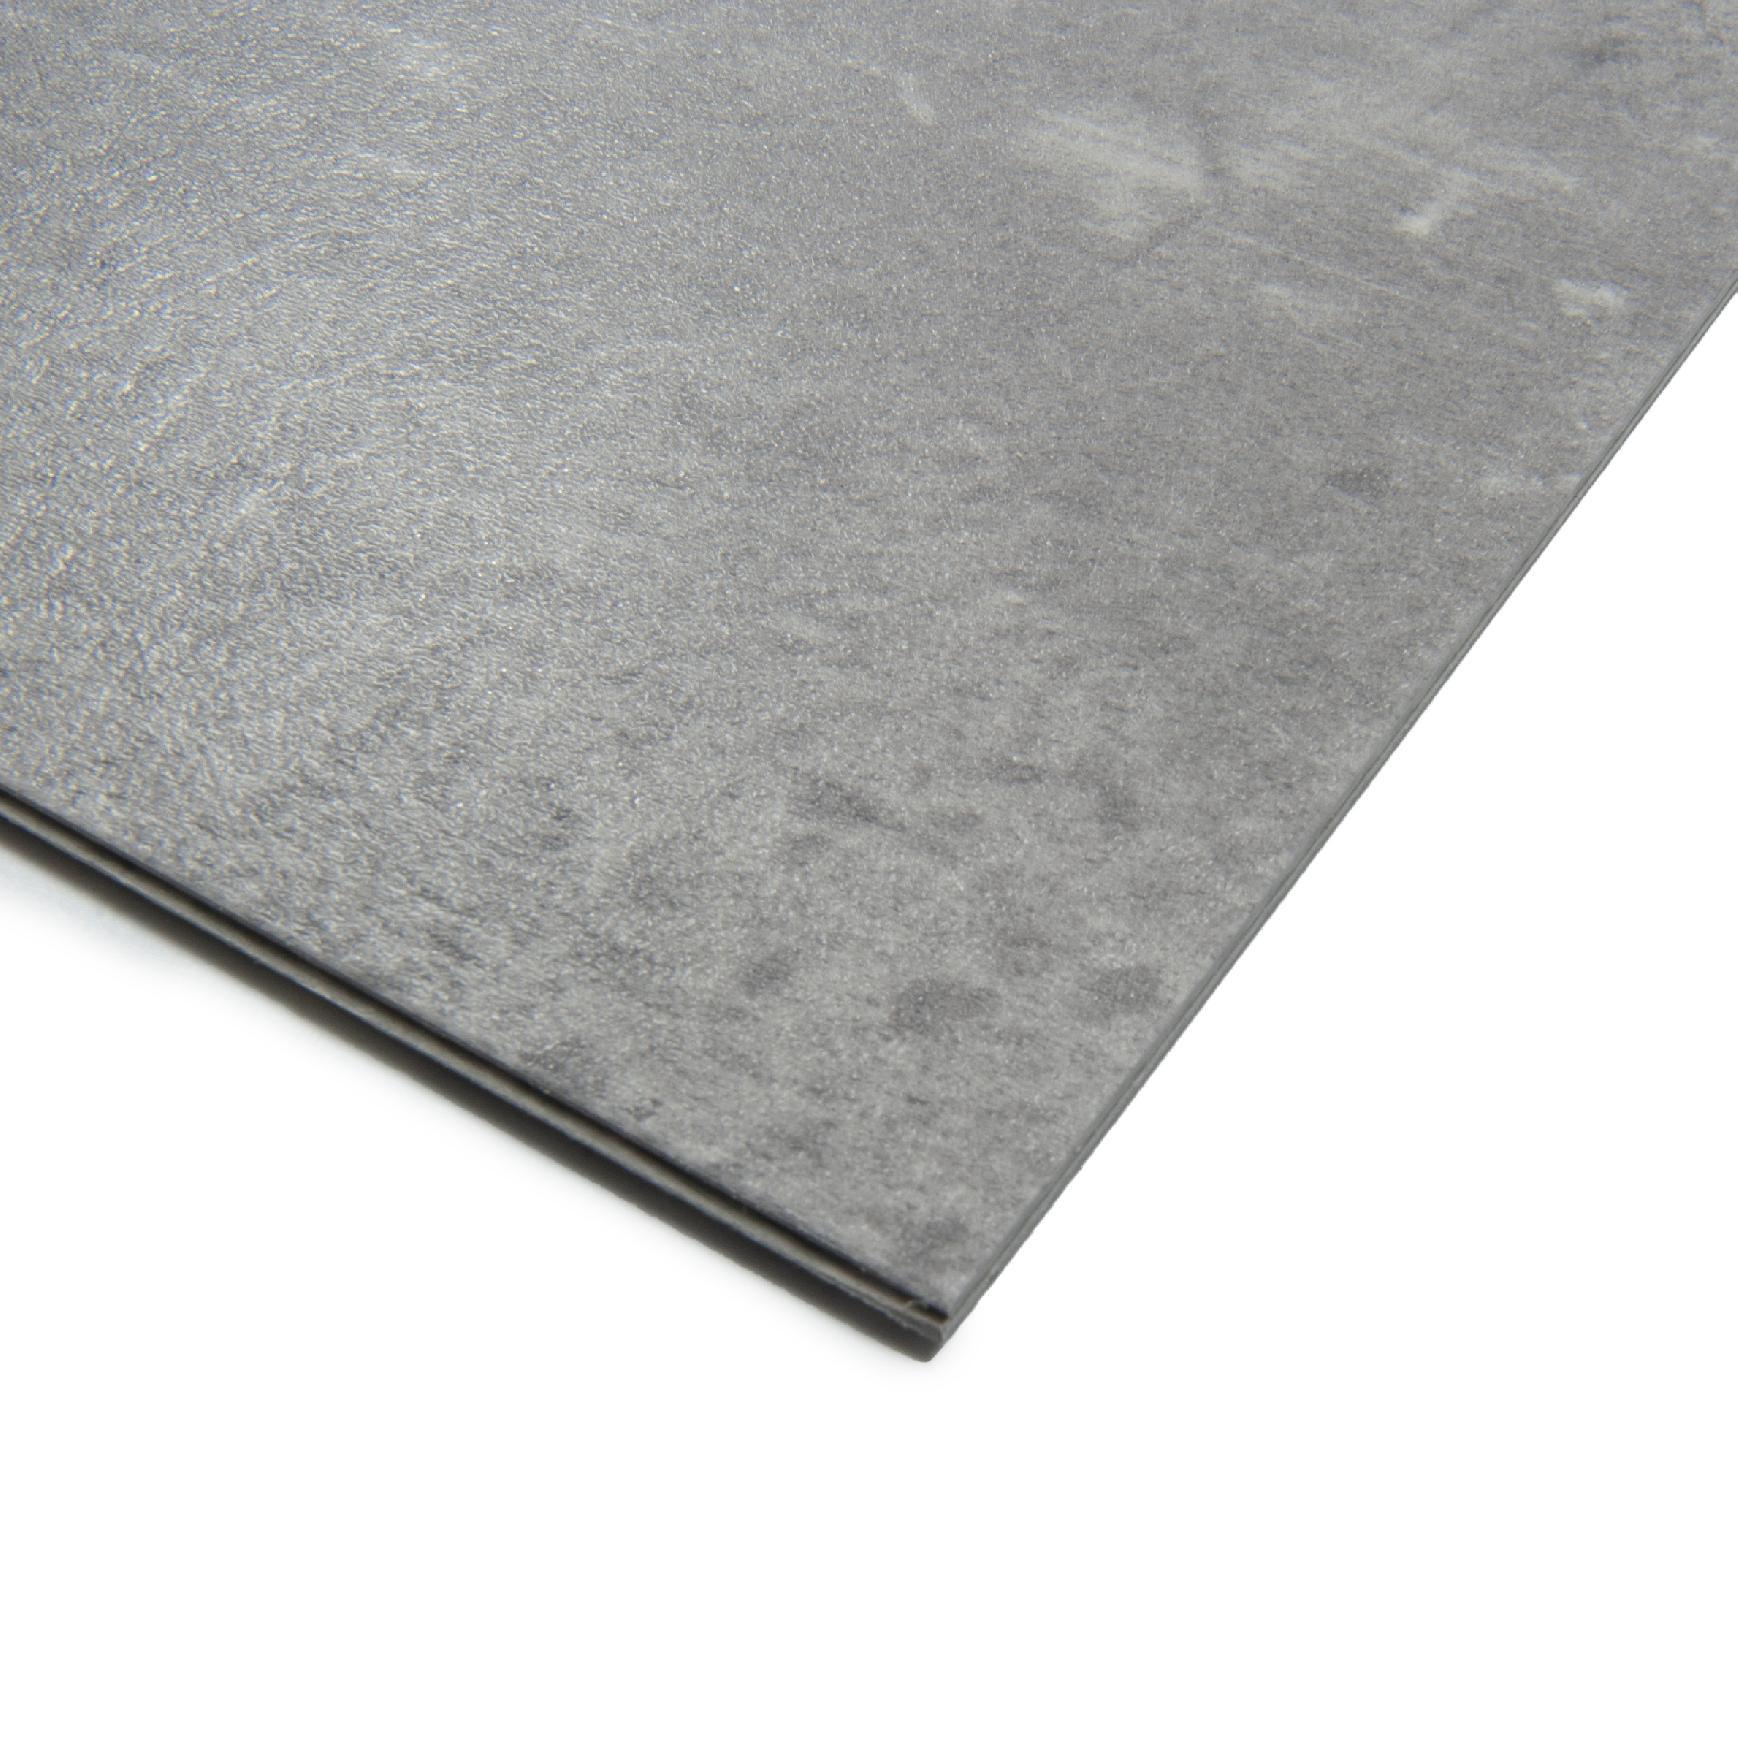 Панели виниловая плитка водостойкая бетонная серая шт.